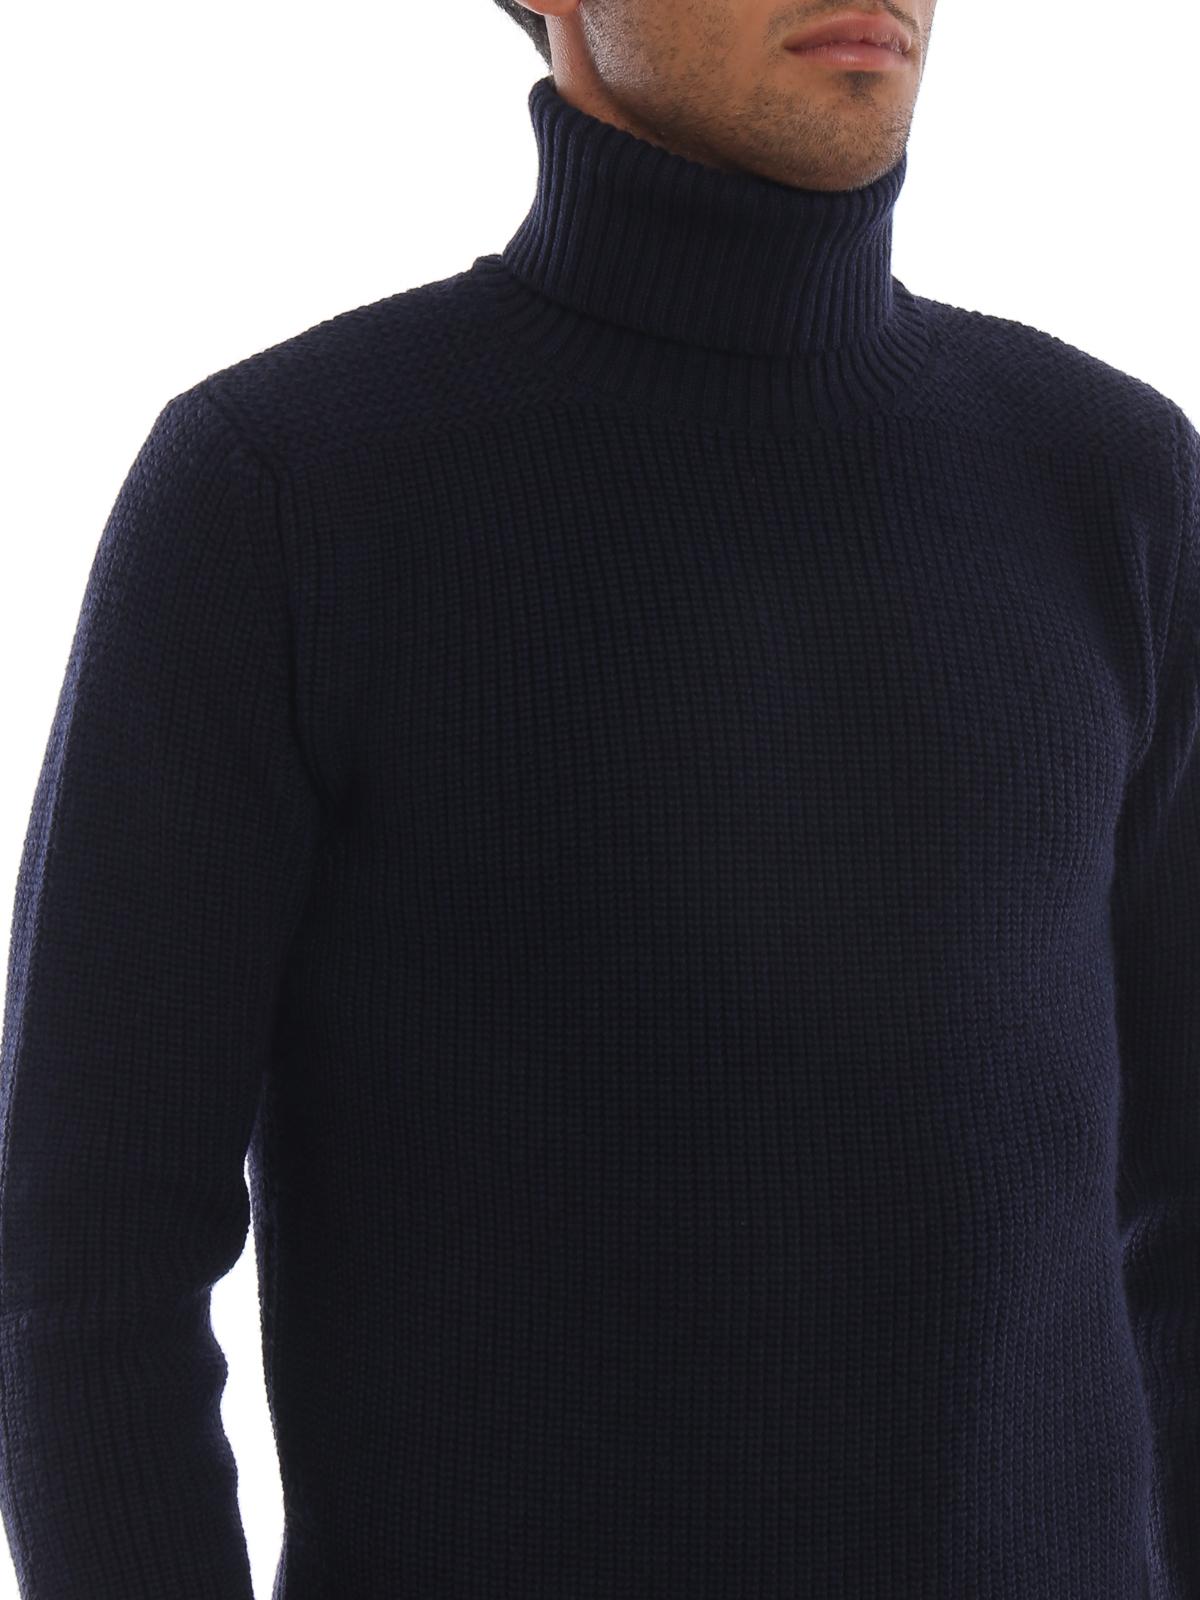 Woolrich - Dolcevita blu in lana a coste inglesi - maglia a collo ... 0fd4cd1d8c73